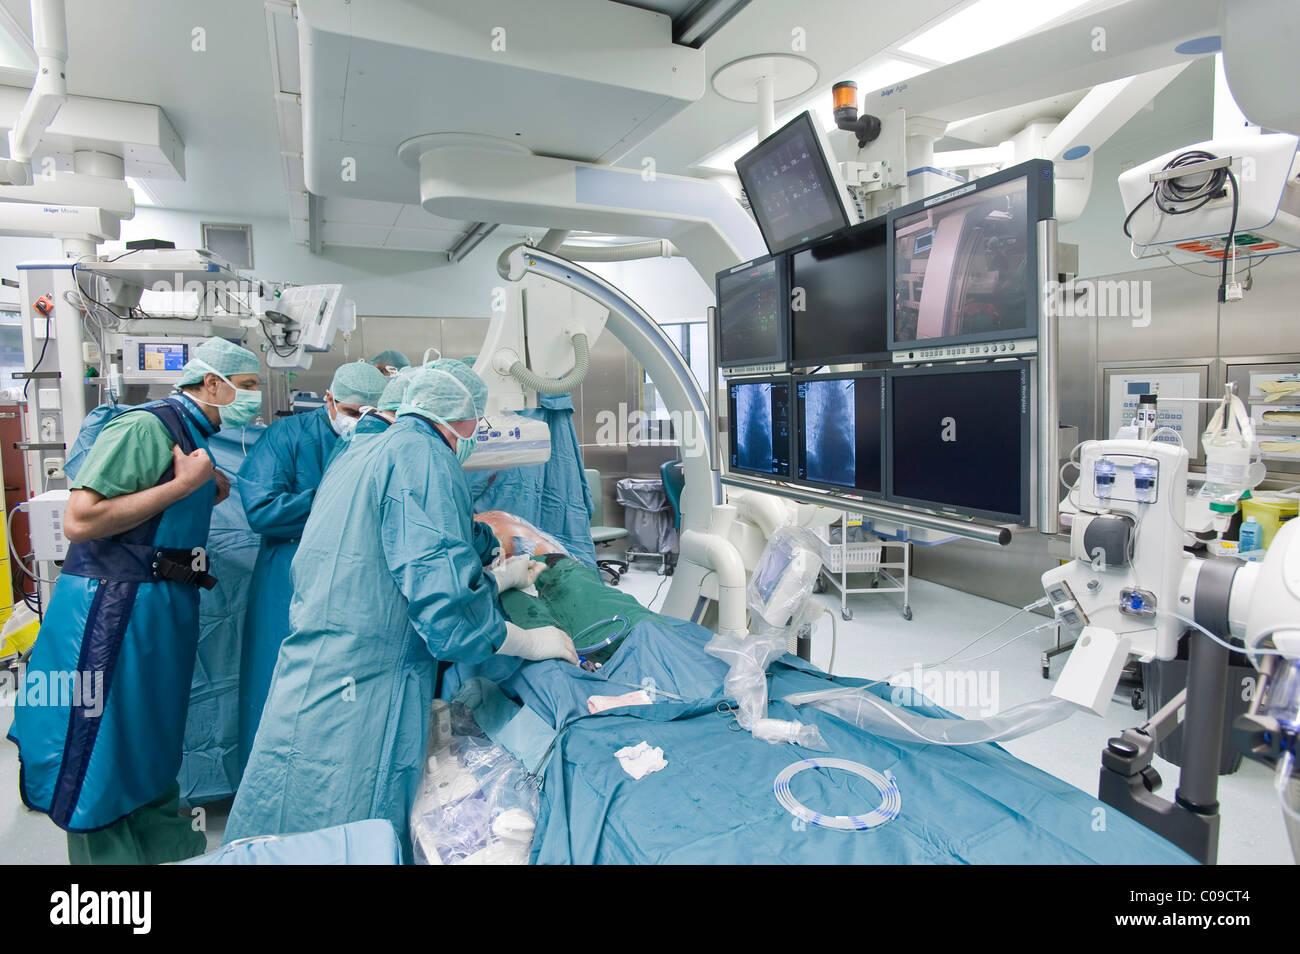 Herzchirurgie im Hybrid-OP-Saal, Deutsches Herzzentrum Berlin oder Deutsche Herzzentrum, Berlin, Deutschland, Europa Stockbild